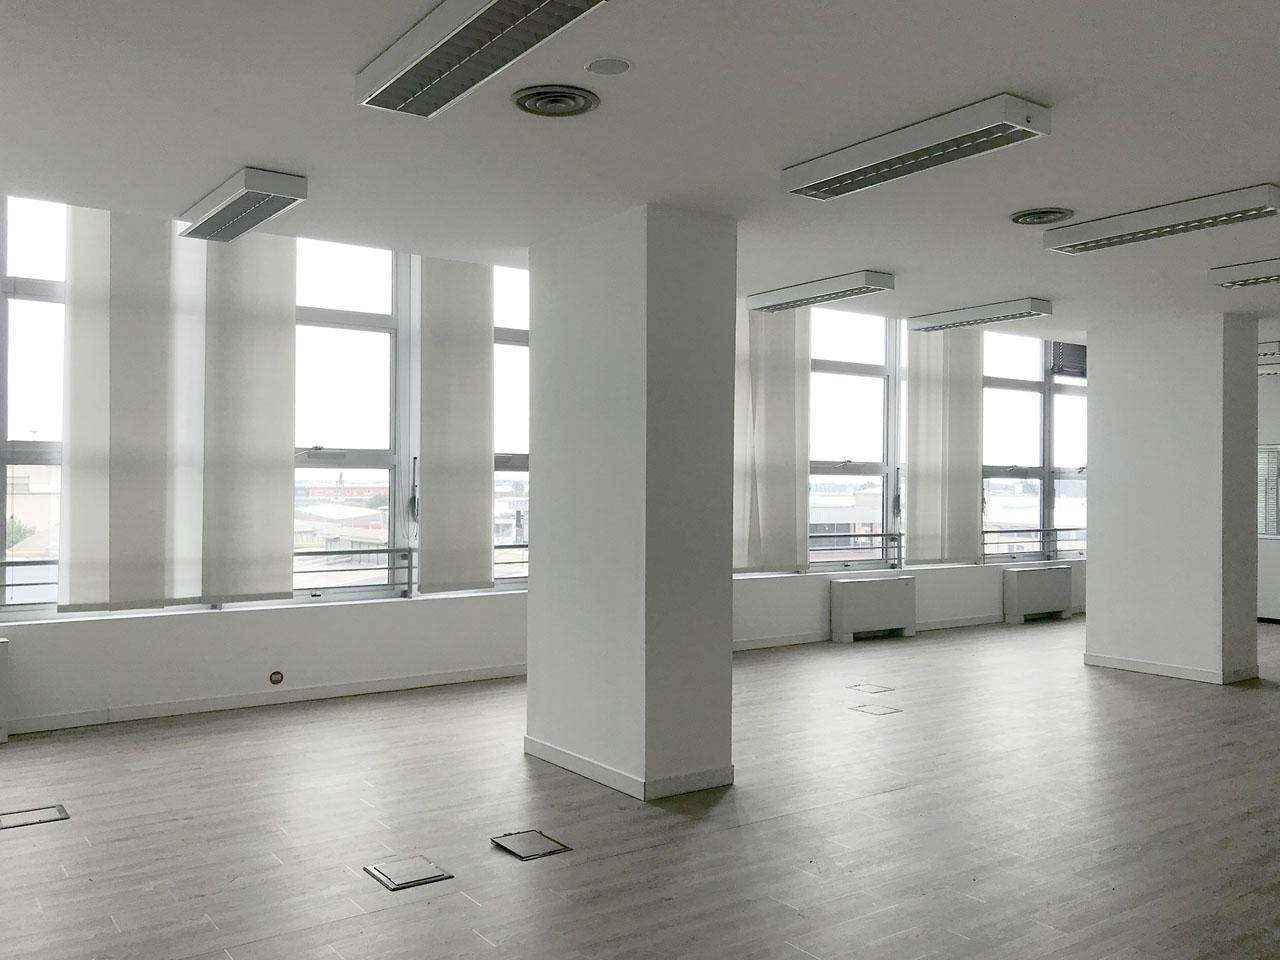 ufficio 430 mq secondo piano - Atlantic Business Center - grande open space